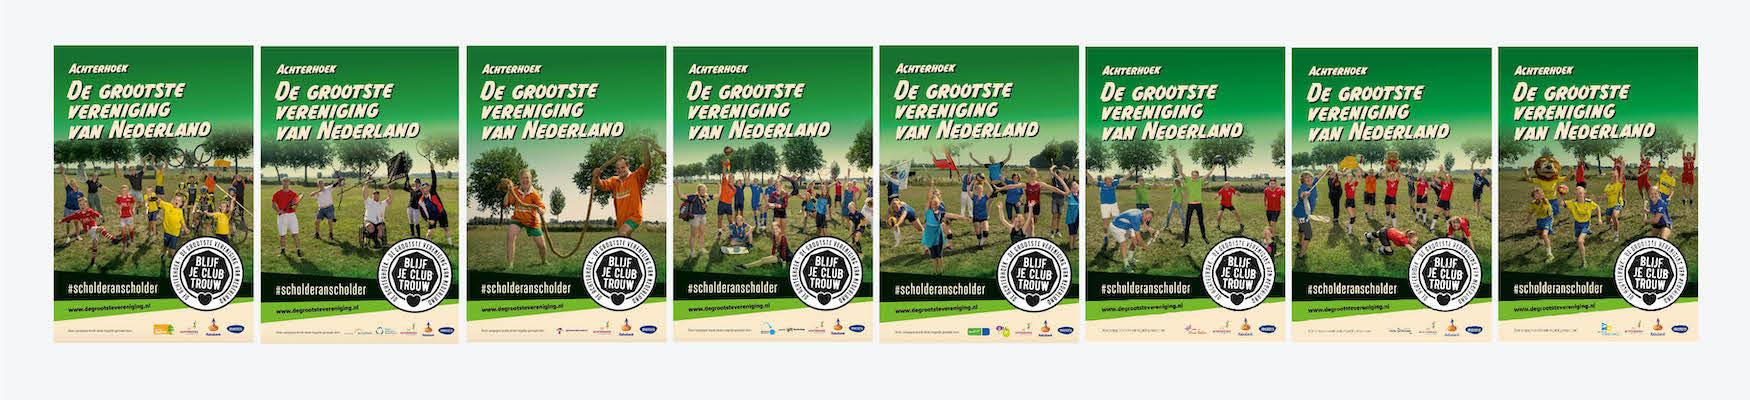 Campagne Achterhoek, de grootste vereniging van Nederland